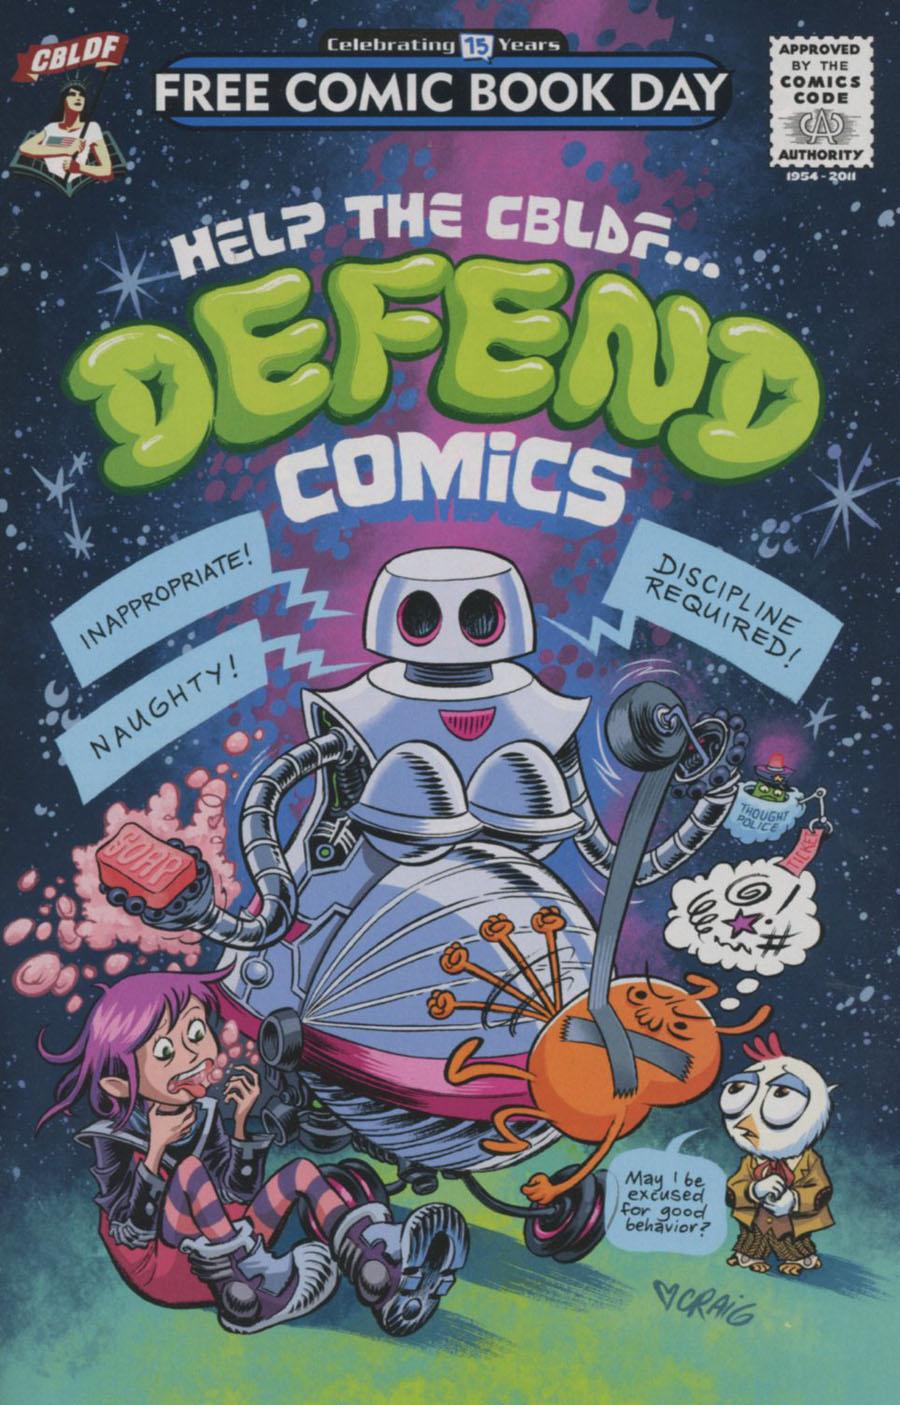 Help The CBLDF Defend Comics FCBD 2016